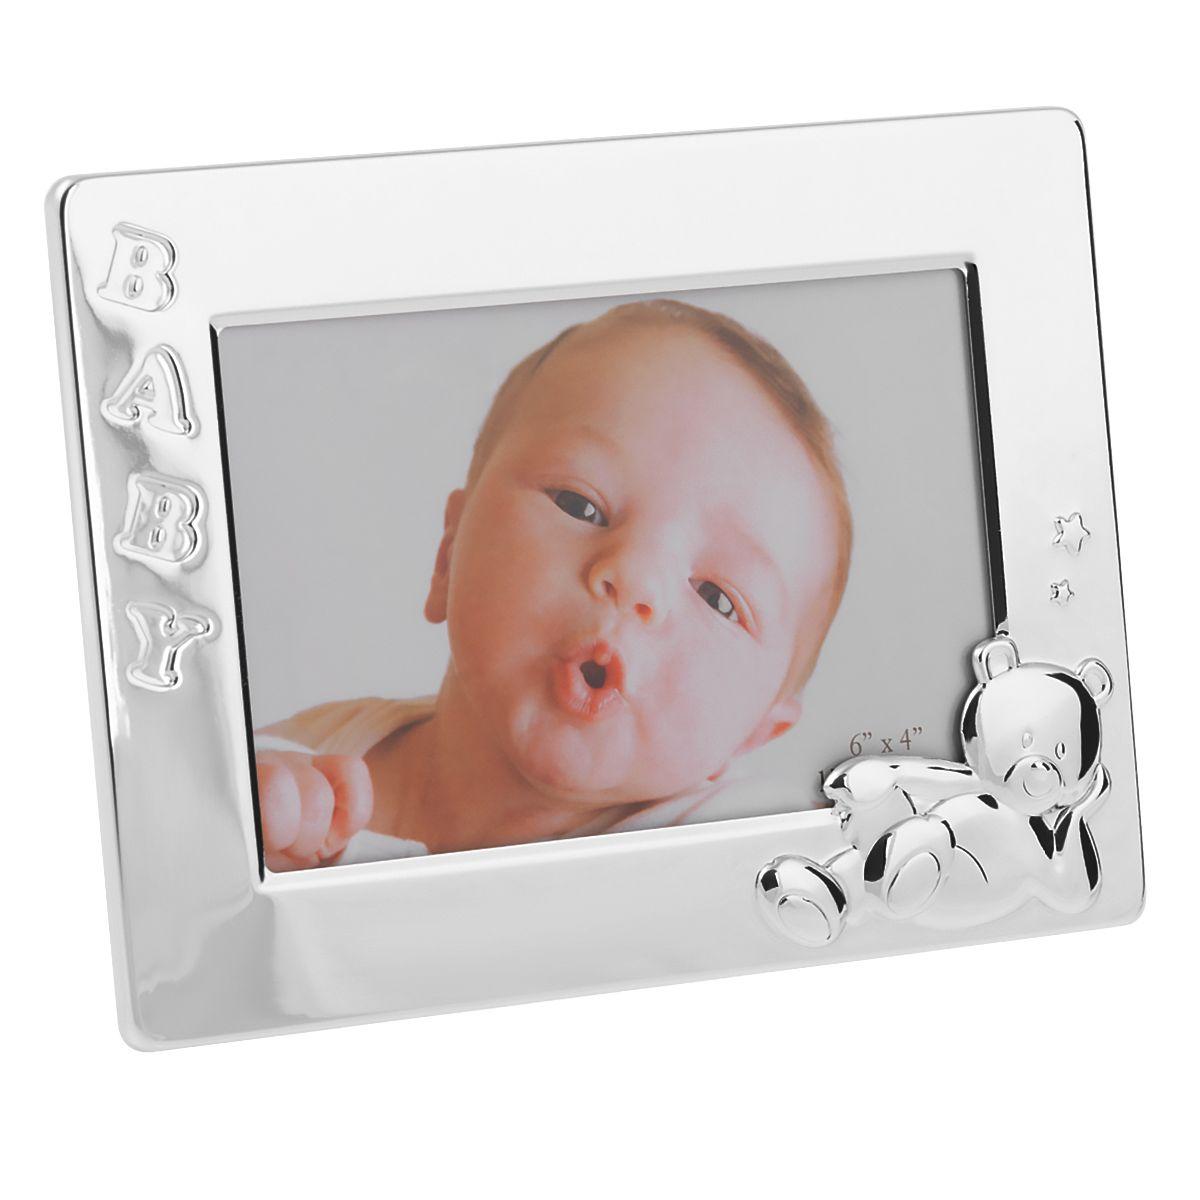 Ramka Z Misiem Baby 10x15cm Chrzest Roczek Grawer Ramka Babe Polar